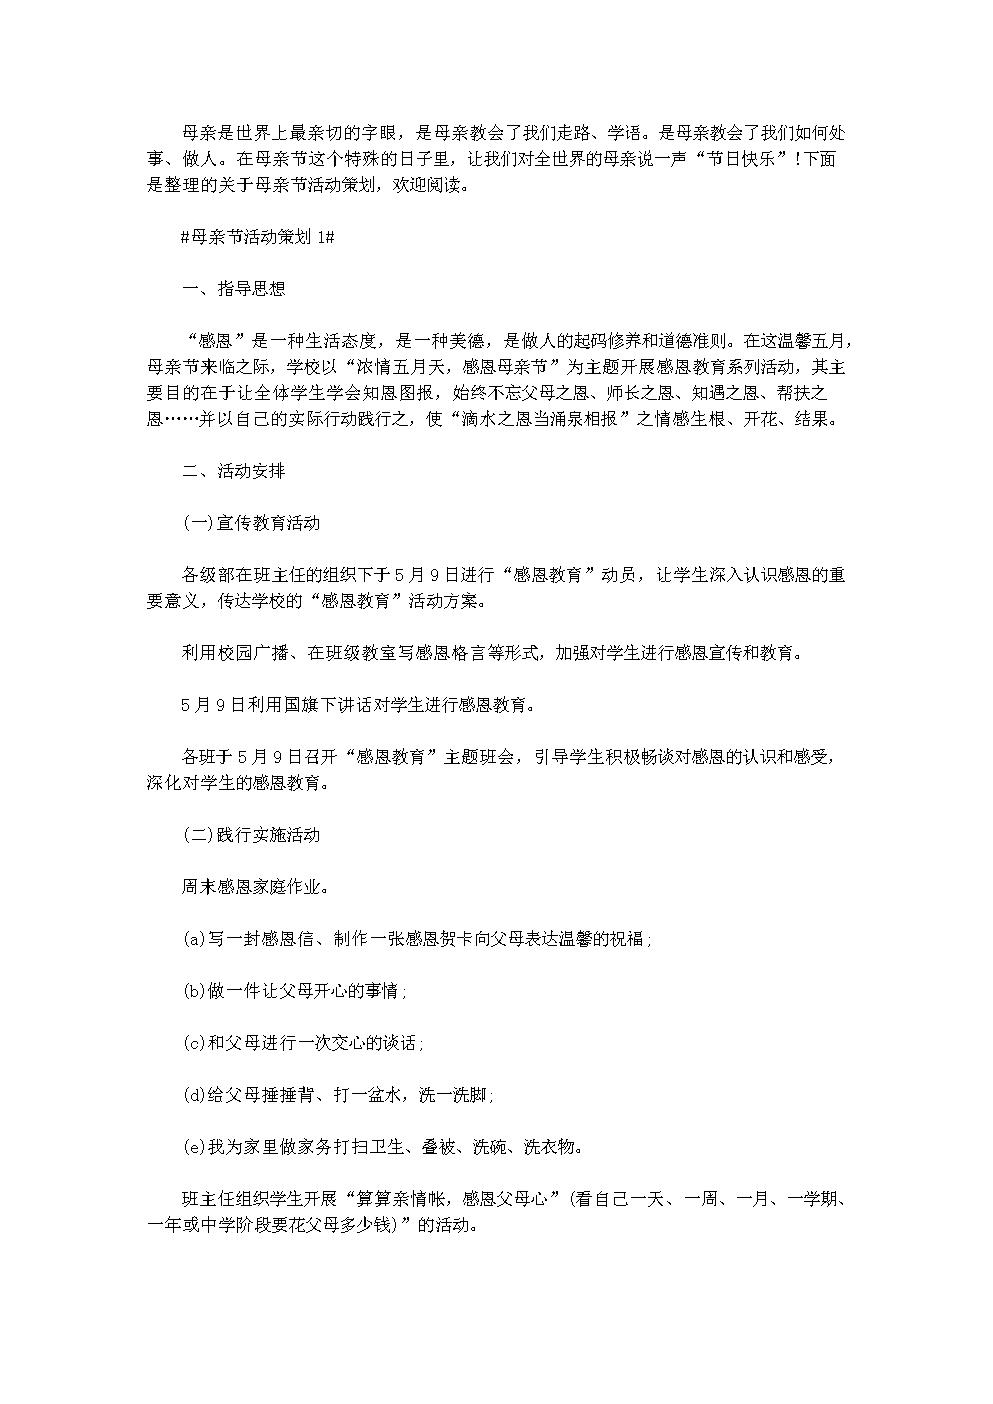 母亲节促销策划方案文档.doc